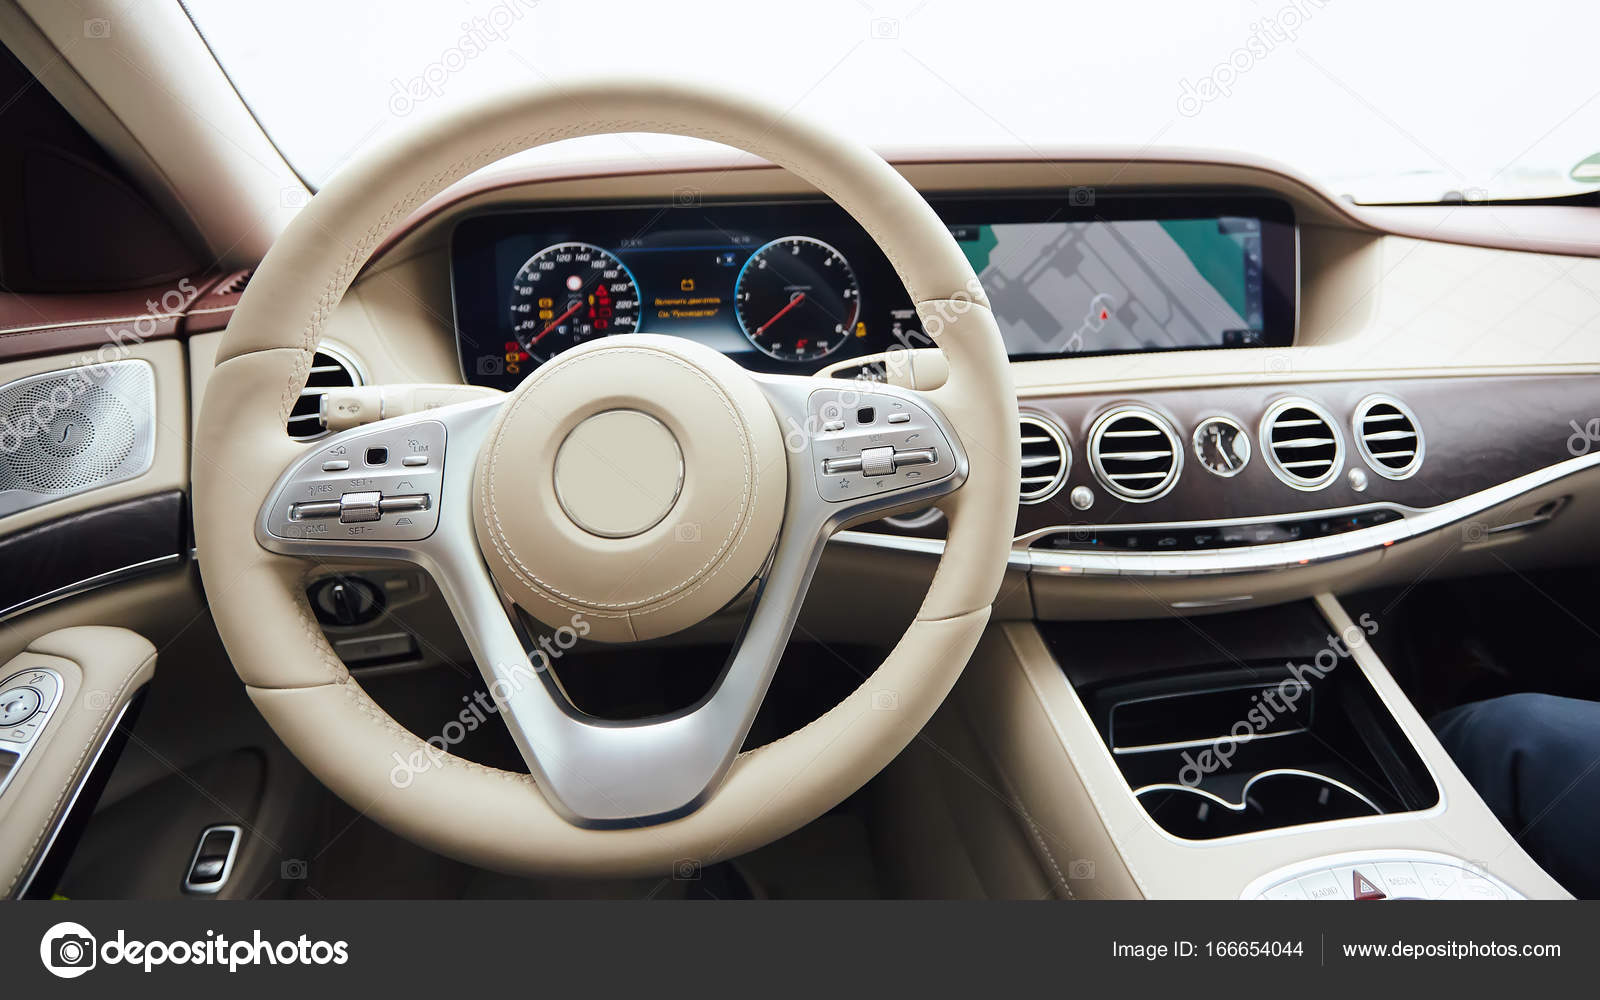 auto interieur luxe interieur van prestige moderne auto comfortabele lederen zetels dashboard en stuurwiel witte cockpit met exclusieve houten en